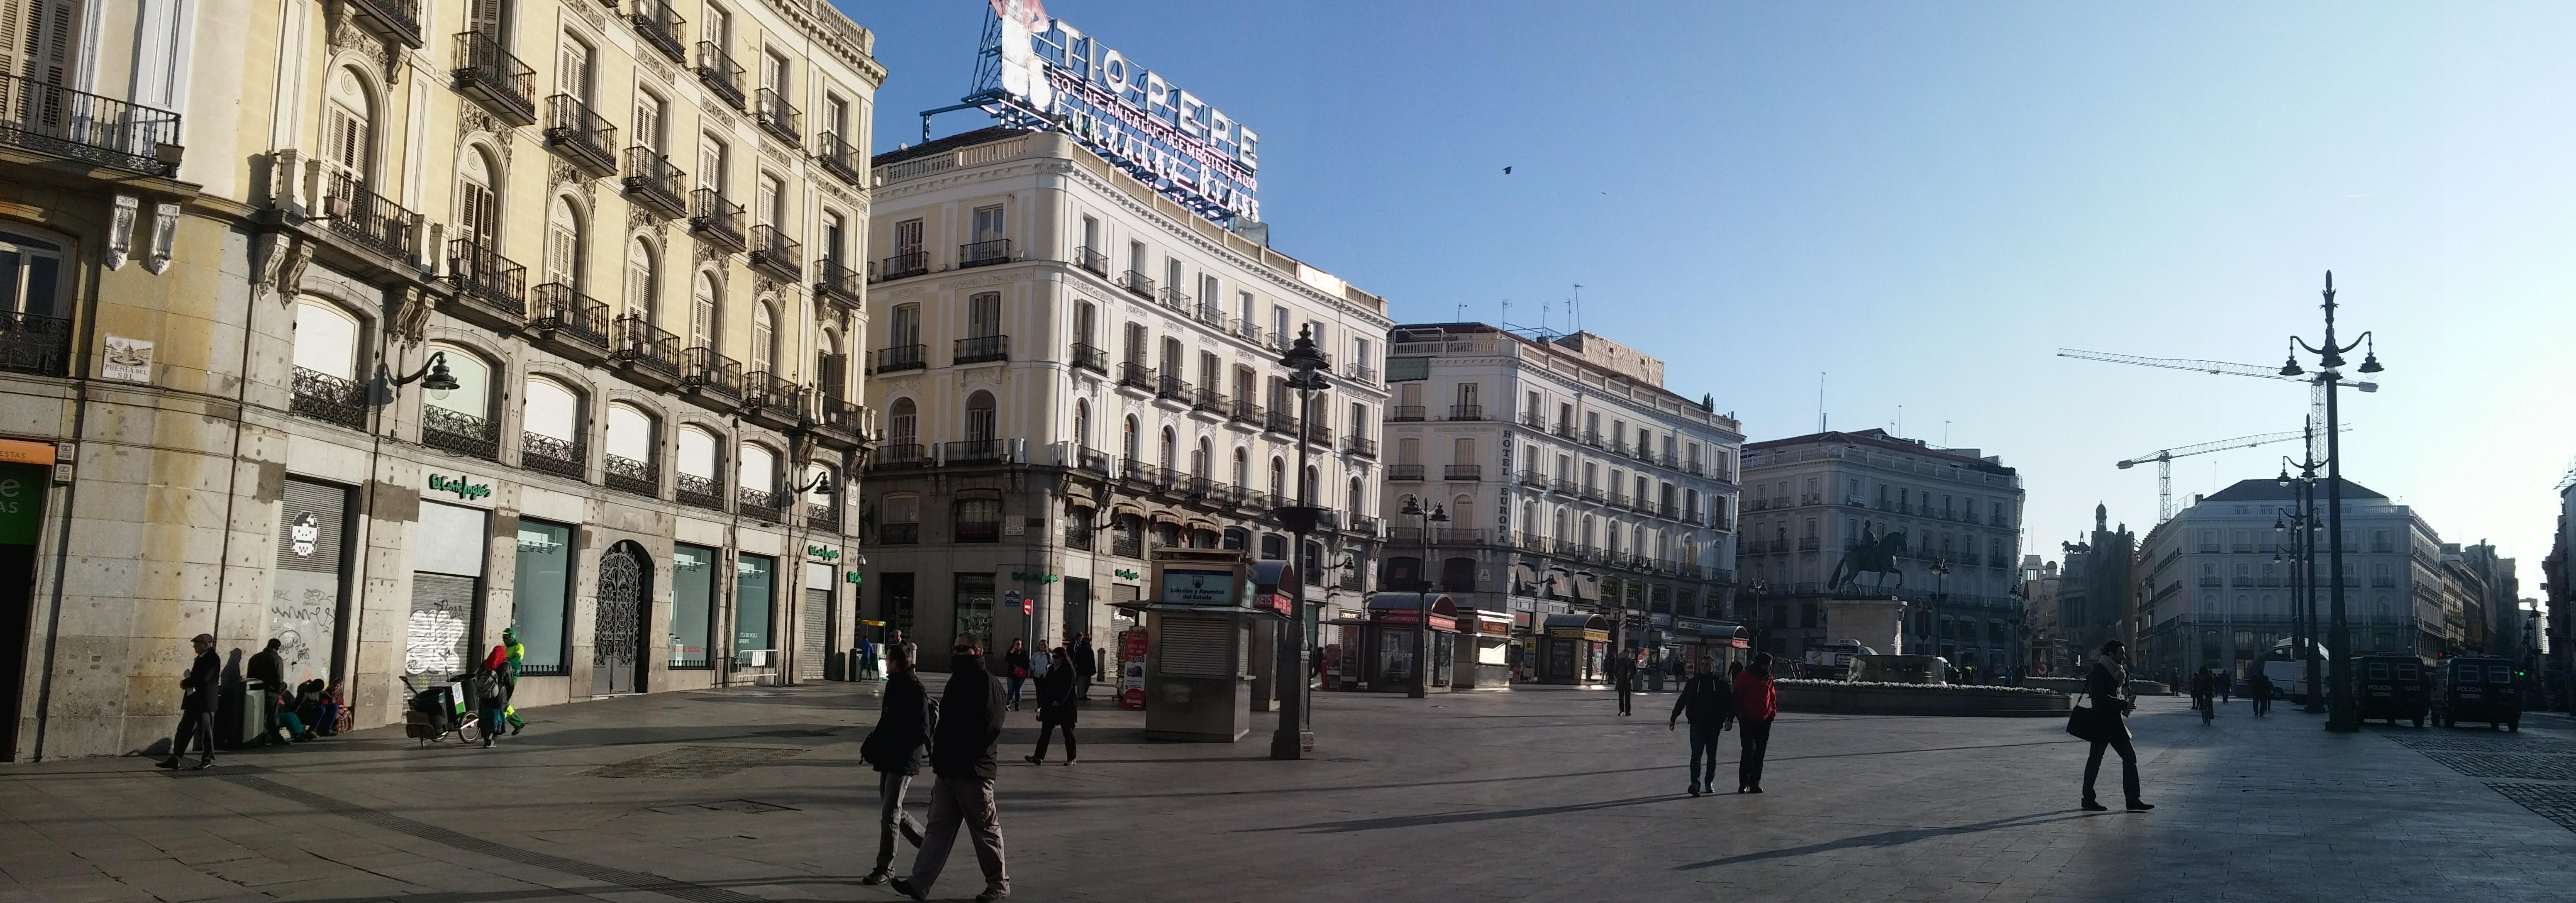 Puerta del sol se despierta the spanish forum for Como es la puerta del sol